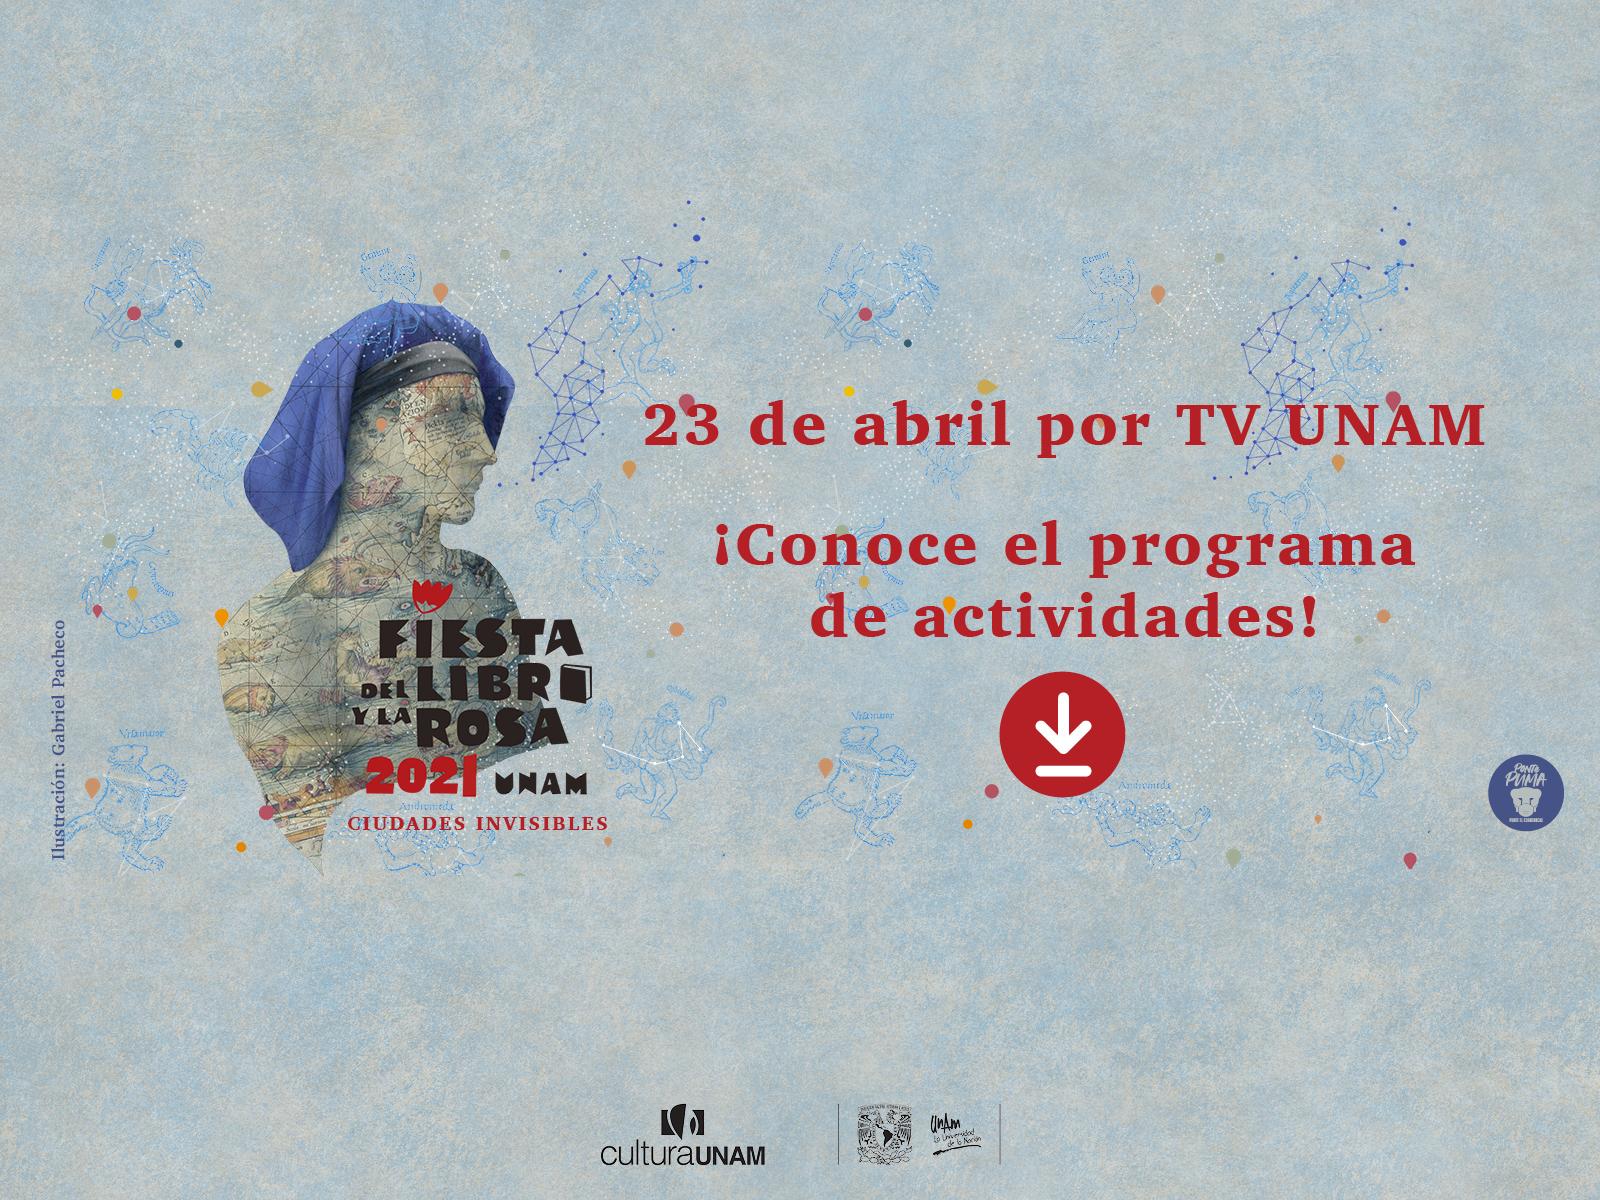 Conoce el programa de Fiesta del Libro y la Rosa 2021 - Libros UNAM